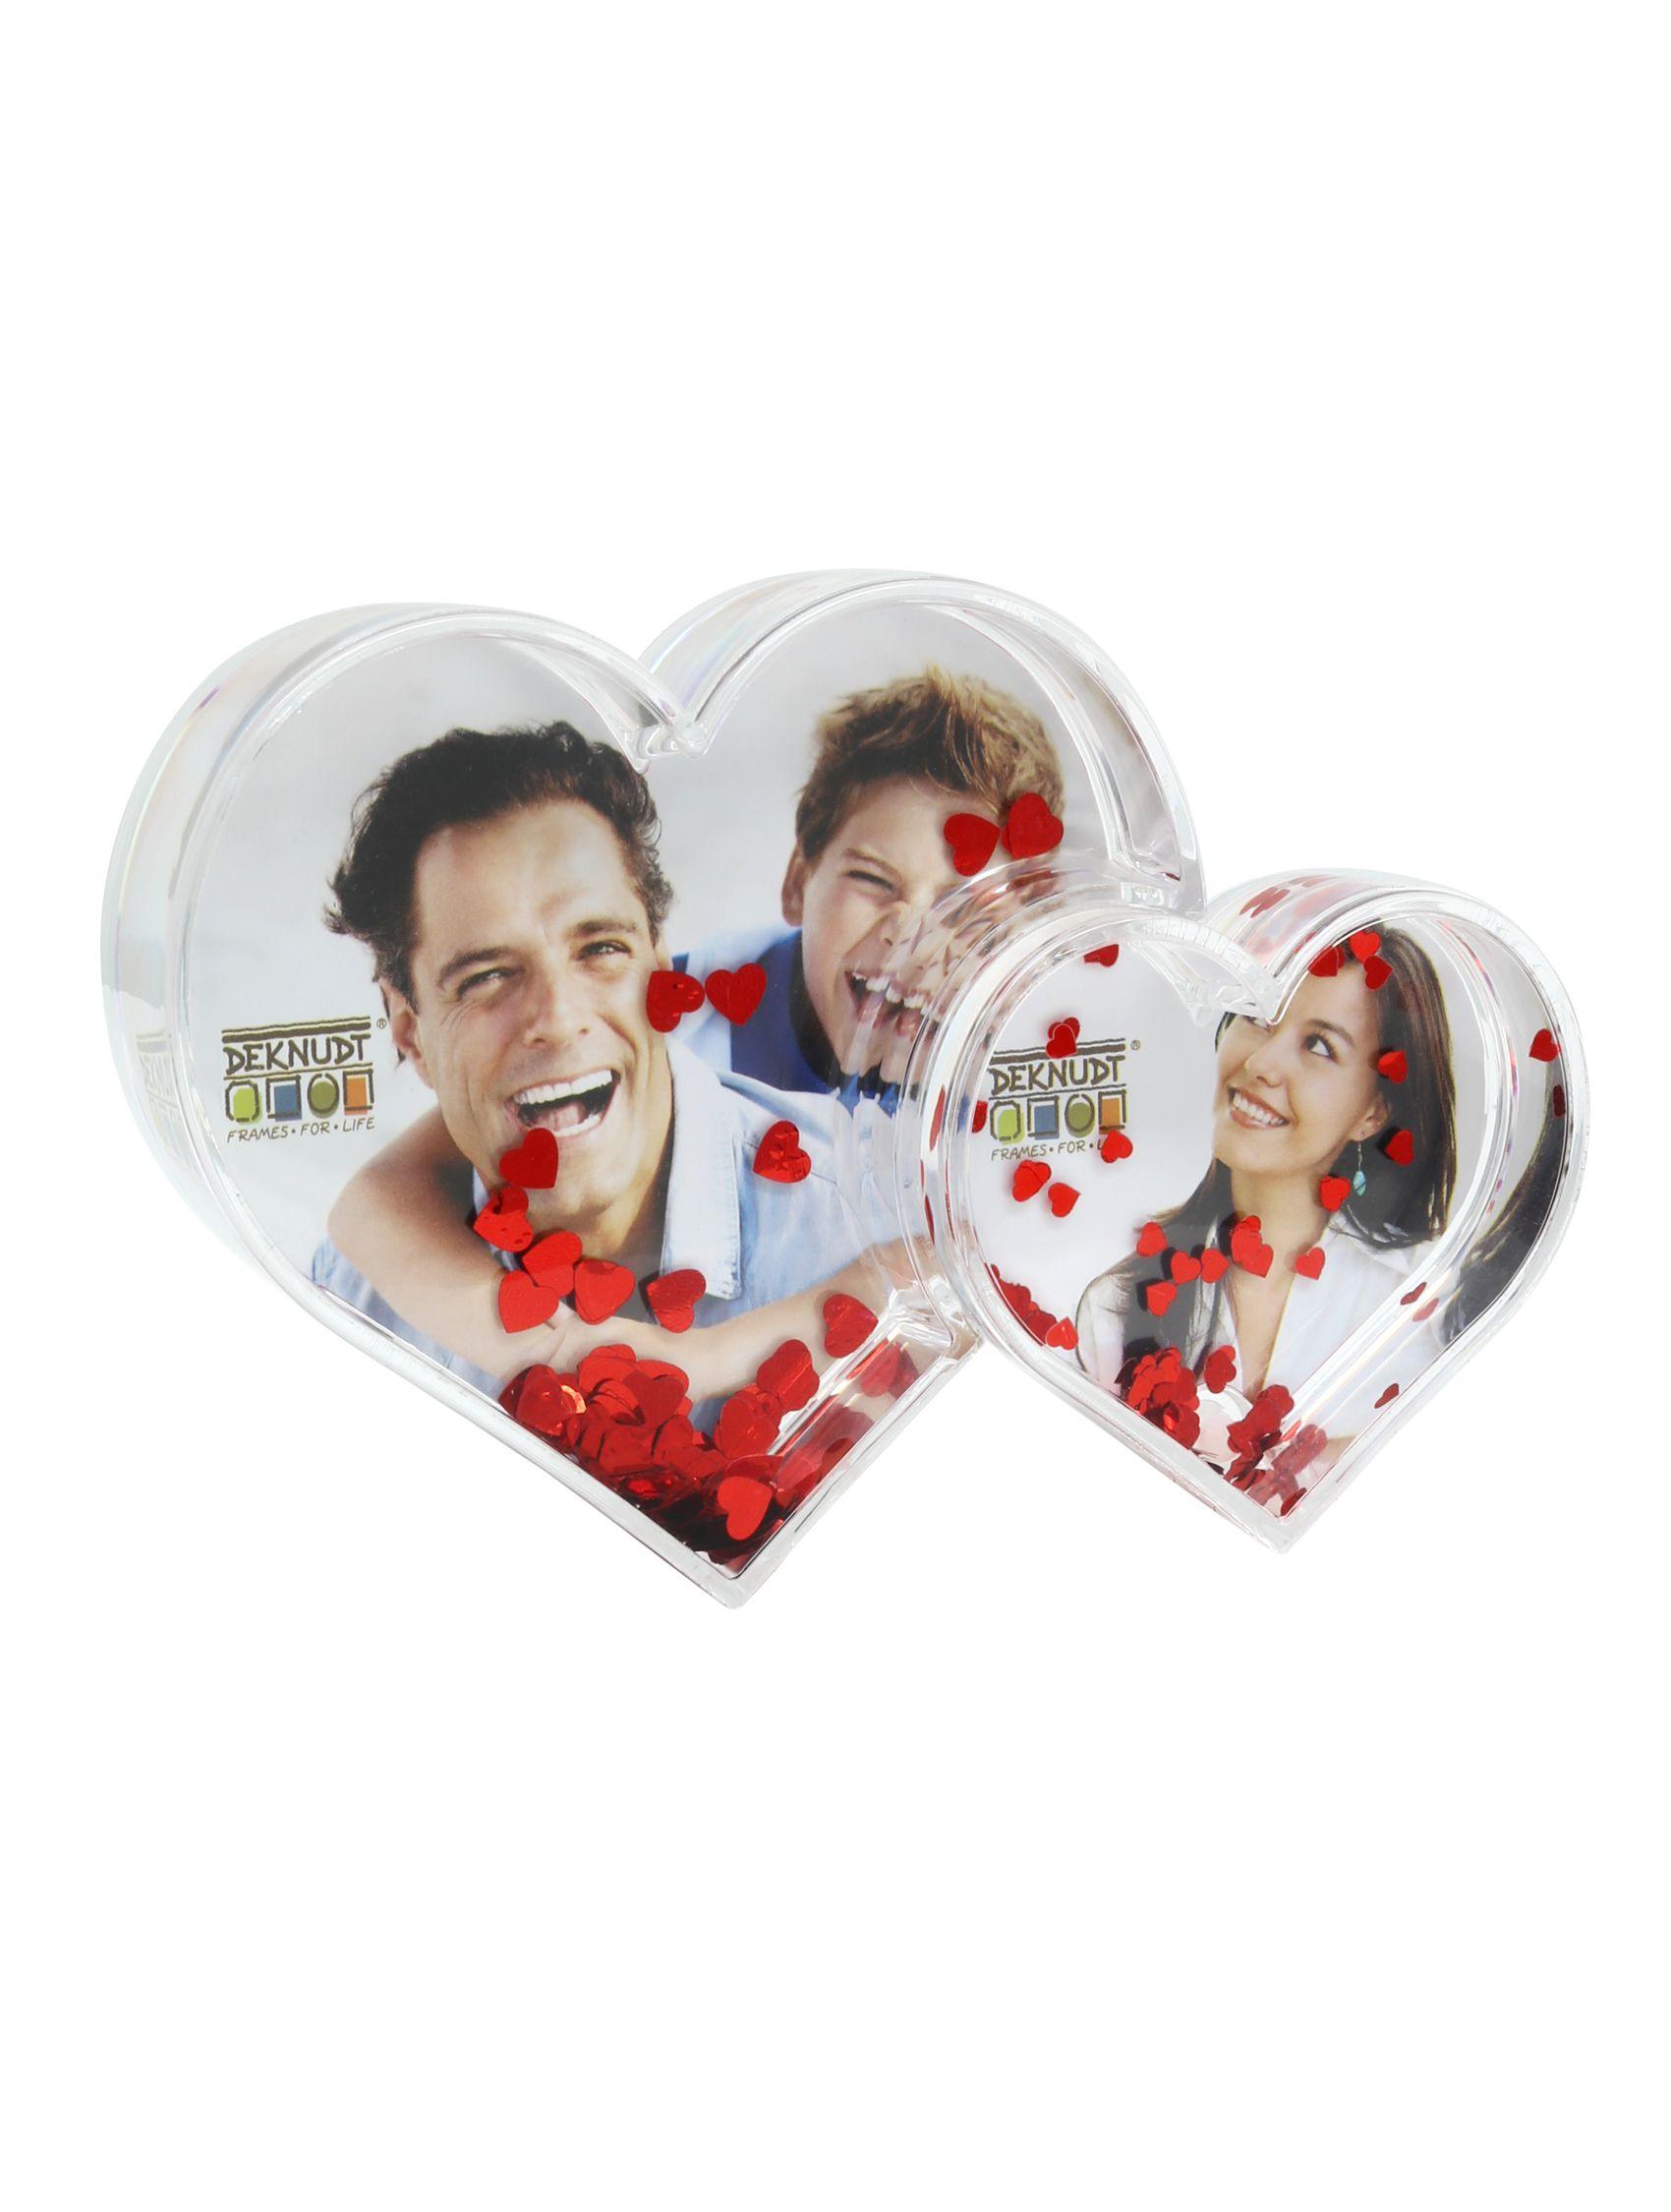 dubbel fotohartje in pleximet rode hartjesglitter   (13,5 x 9 x 2,5cm) S66FE2